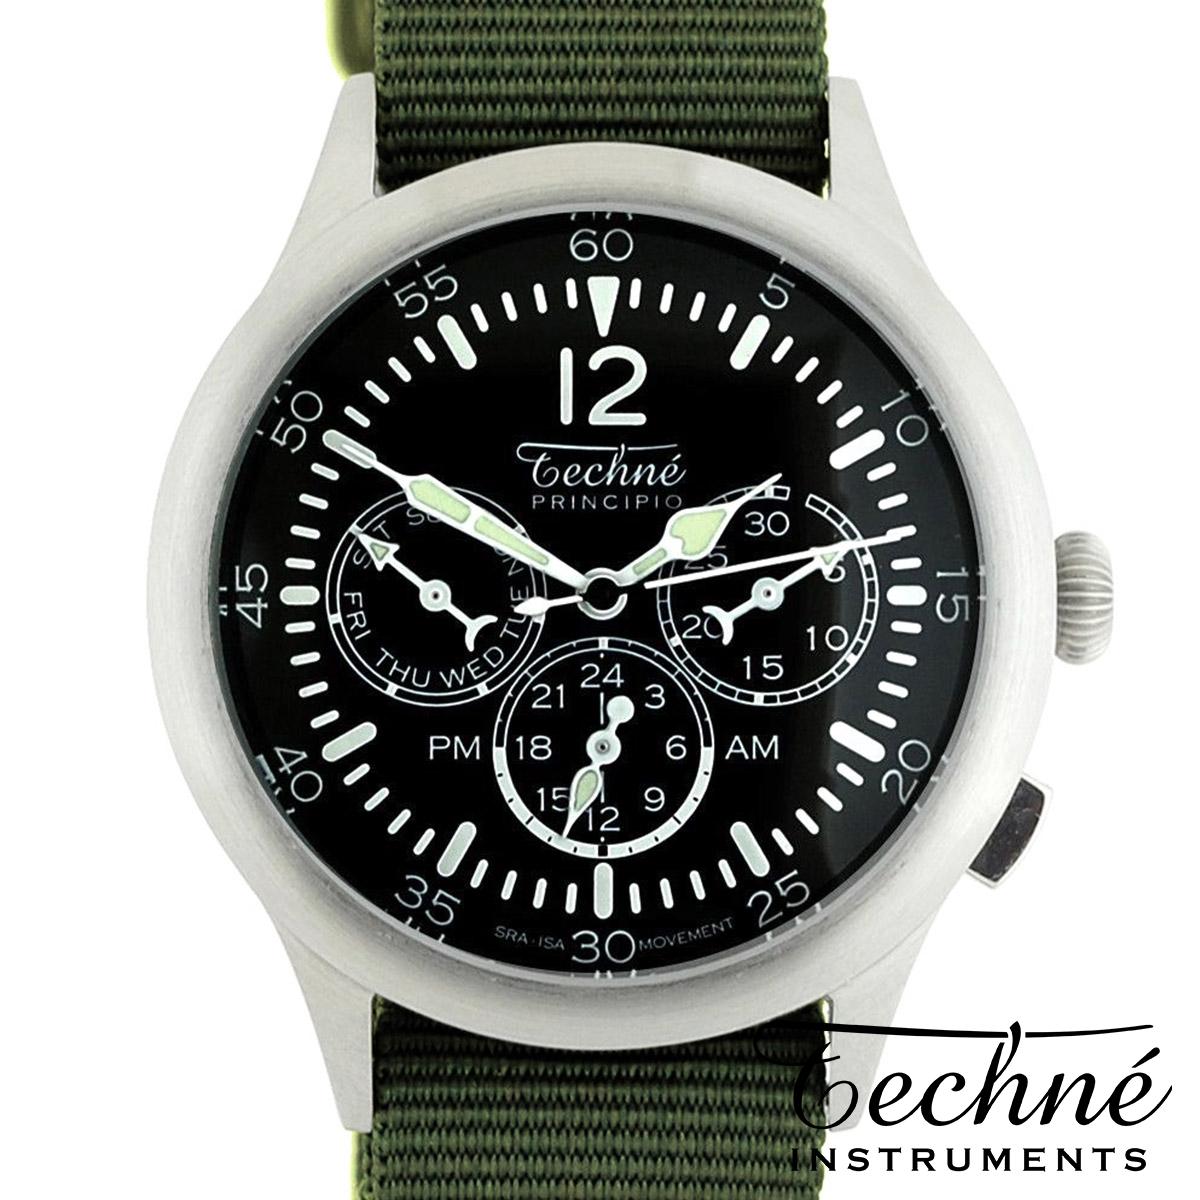 送料無料※沖縄 離島除く テクネ 激安挑戦中 Techne マーリン Merlin 280mm olive 296 限定価格セール nylon GB